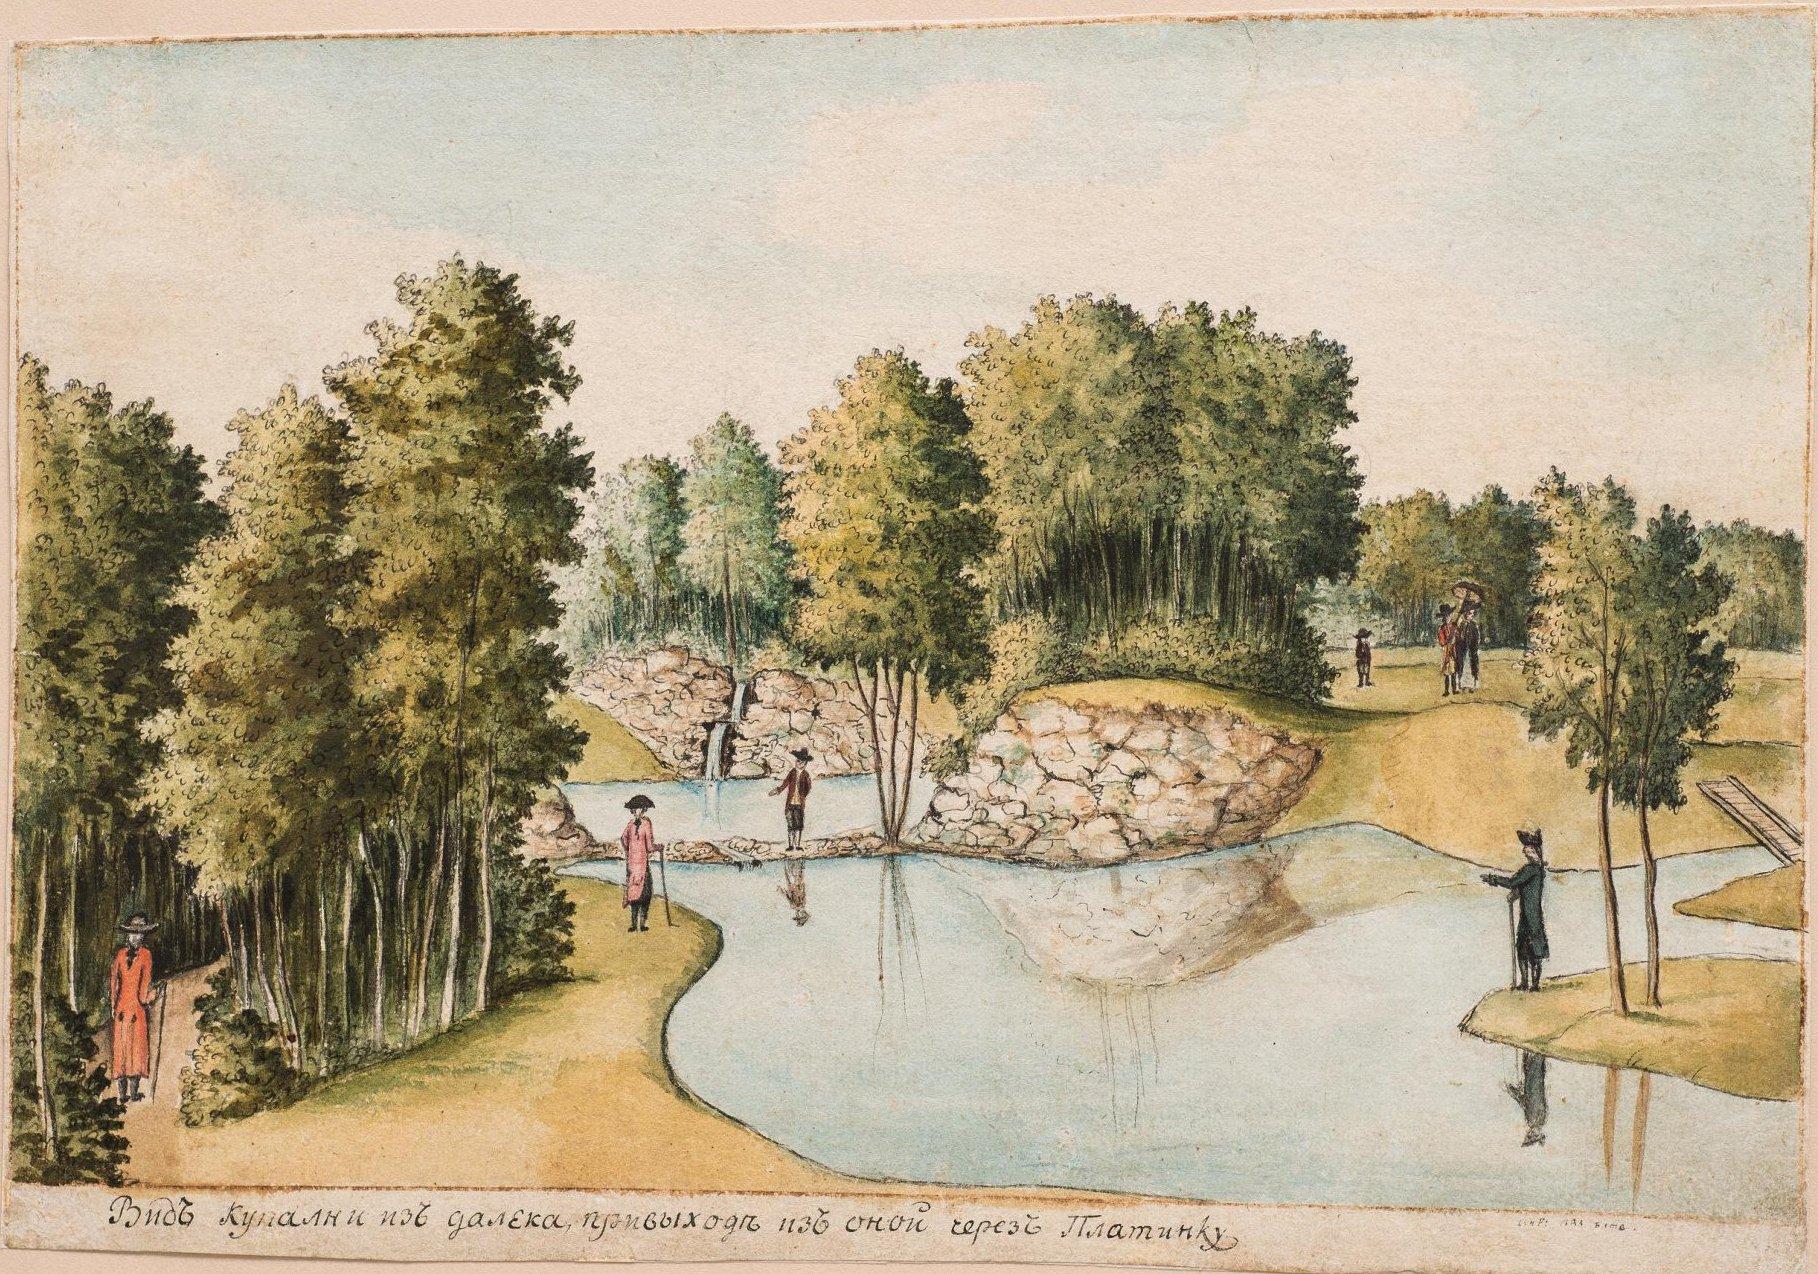 Вид на купальный пруд от плотины в Богородицком парке (Вид купальни издалека при выходе из оной через платинку)